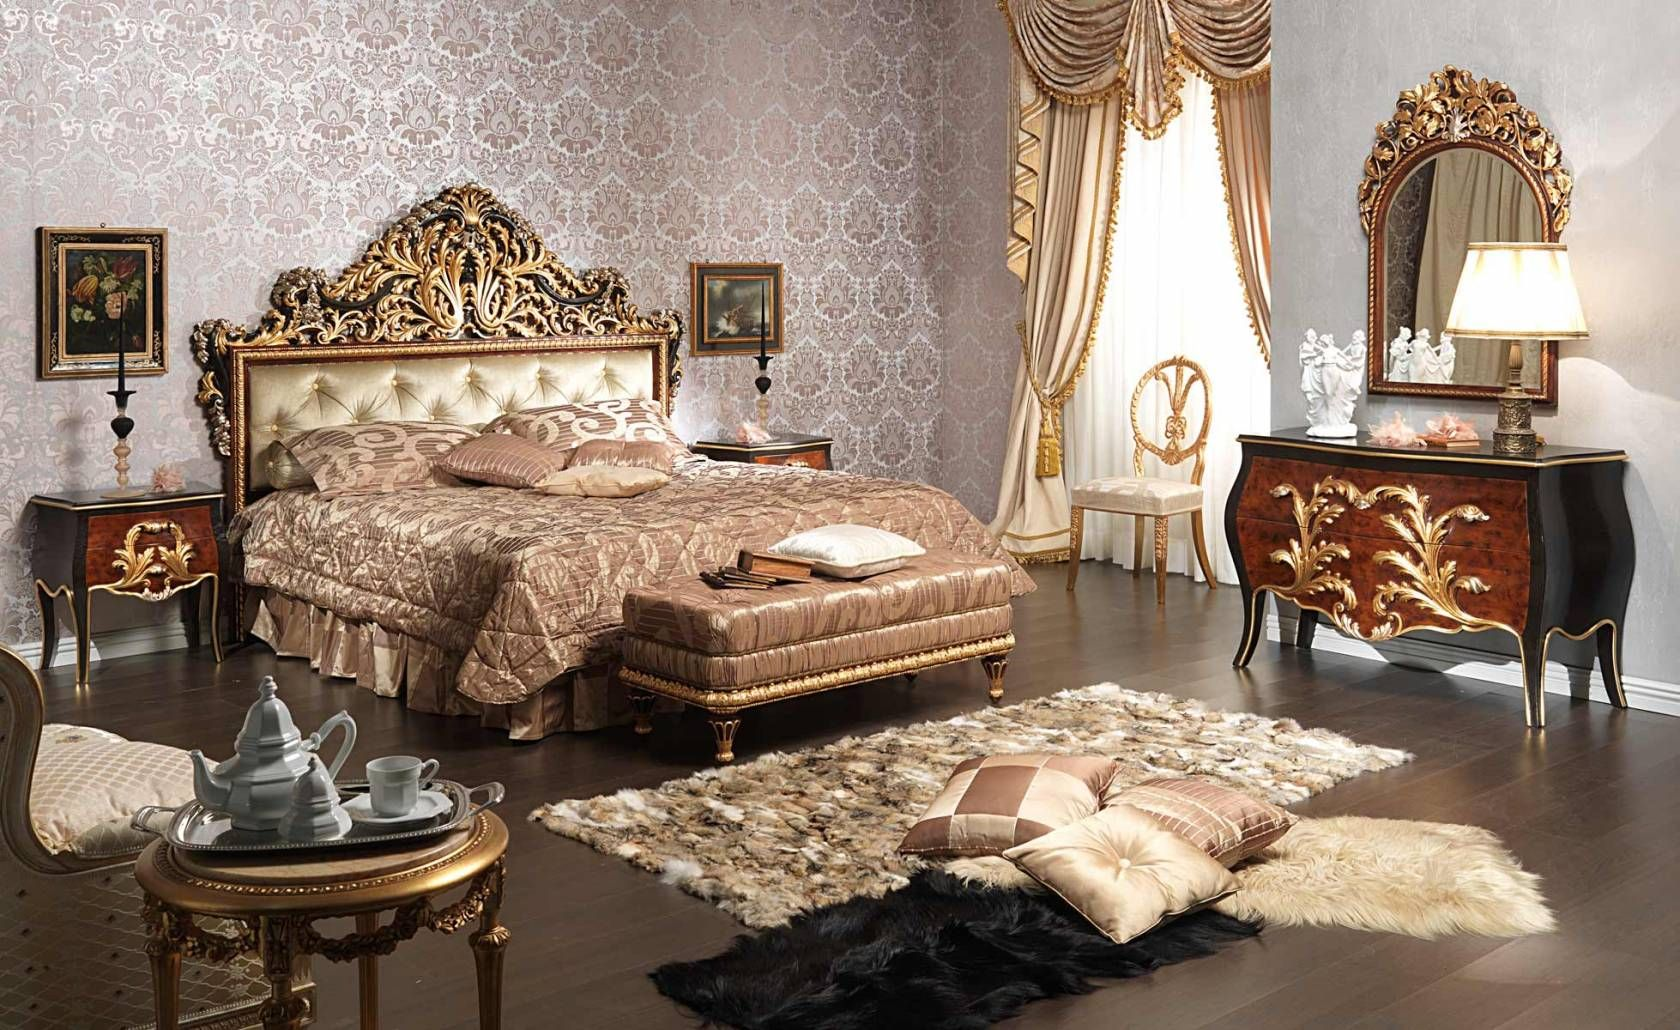 Louis Xv Bedroom Furniture Classic Bedroom Emperador Black Carved Wood Black And Gold Leaf